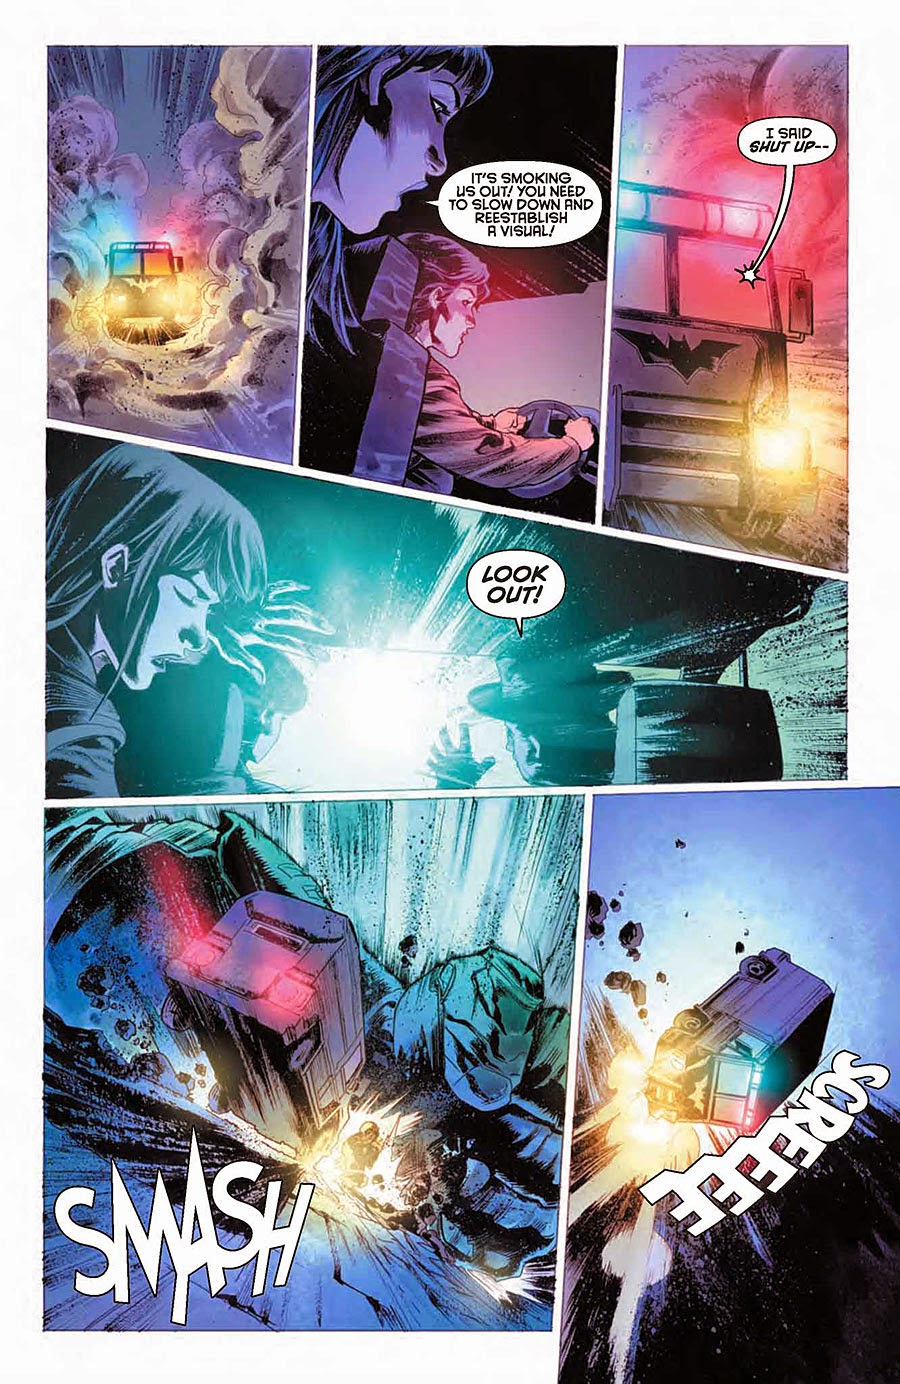 [Batman USA] - Notícias diversas do Morcego !!! - Página 2 DTC-950-dyluxlo-res-crop-Page-4-2048-55490e23bd16d5-87035183-99e14